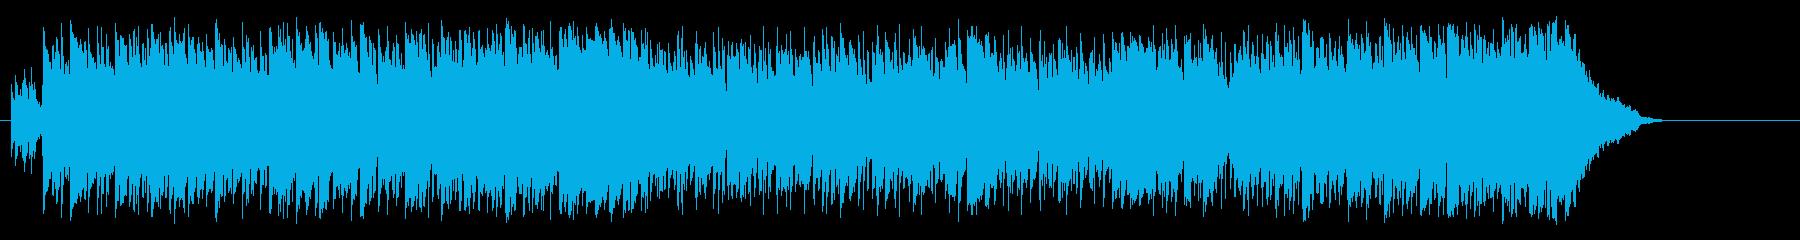 タウン情報向けの軽快なポップ/BGの再生済みの波形